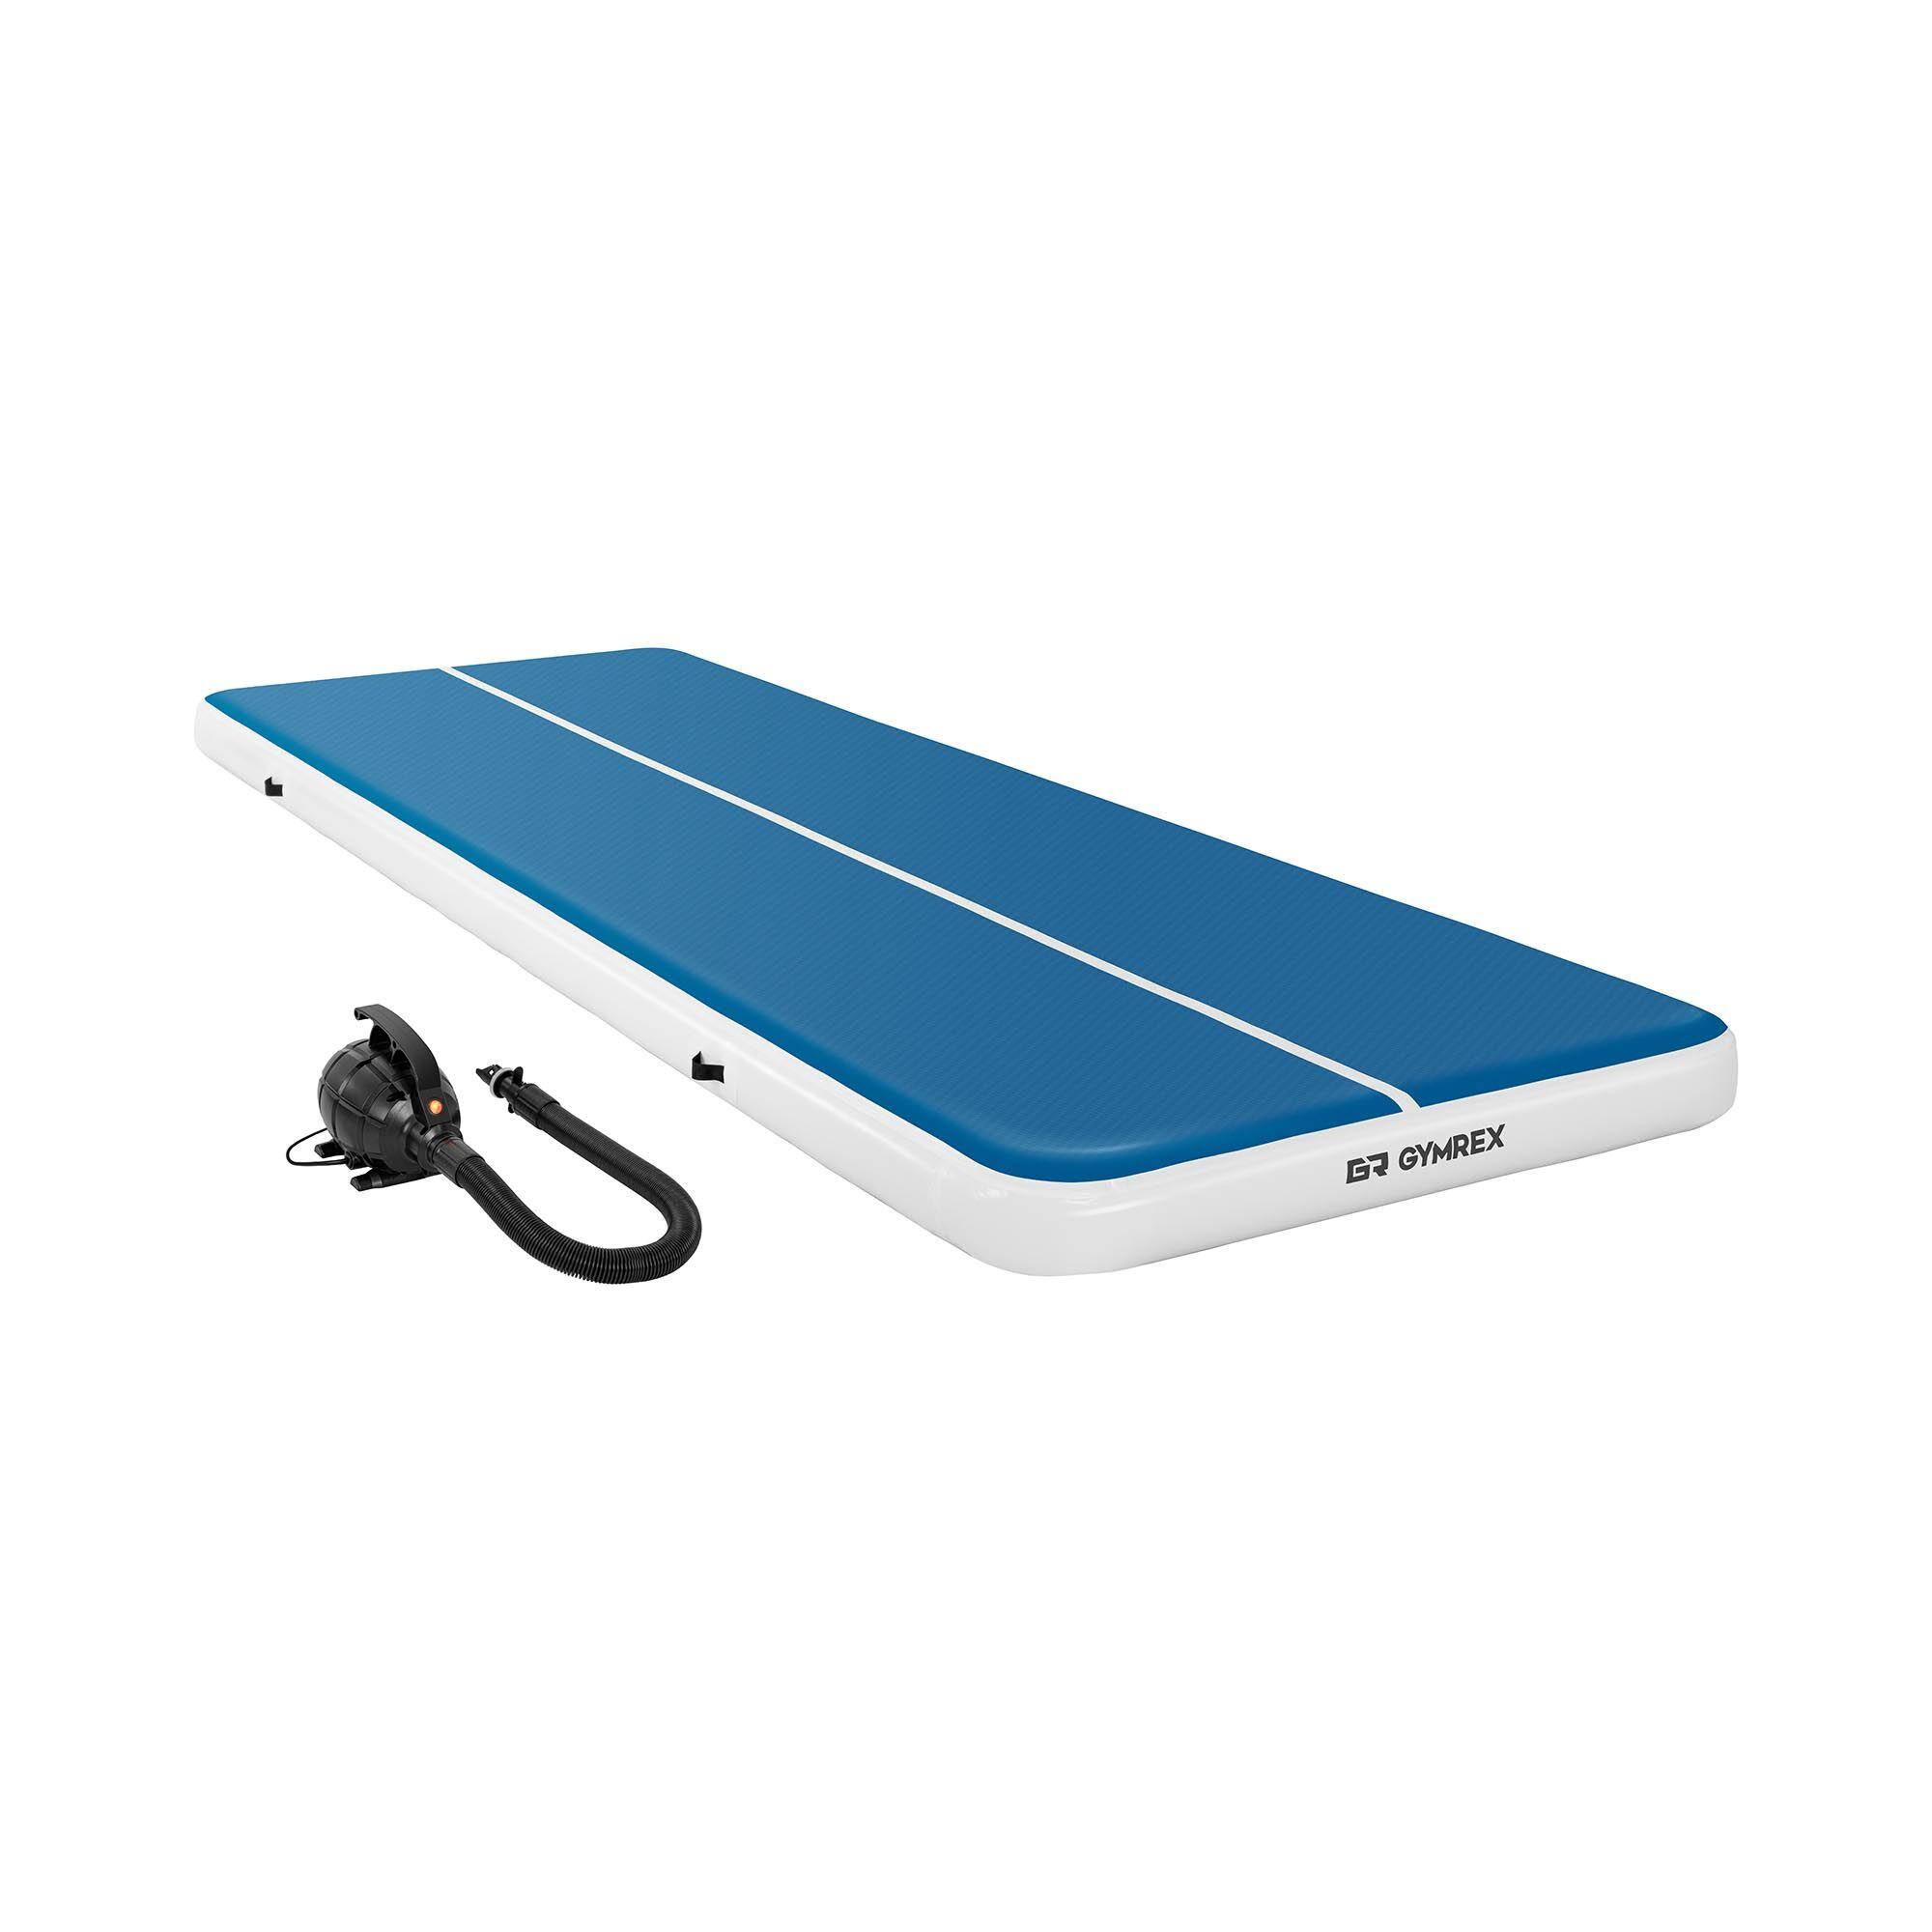 Gymrex Air track - Aitrack avec gonfleur électrique - Airtrack - 600 x 200 x 20 cm - 400 kg - Bleu/blanc GR-ATM9-SET